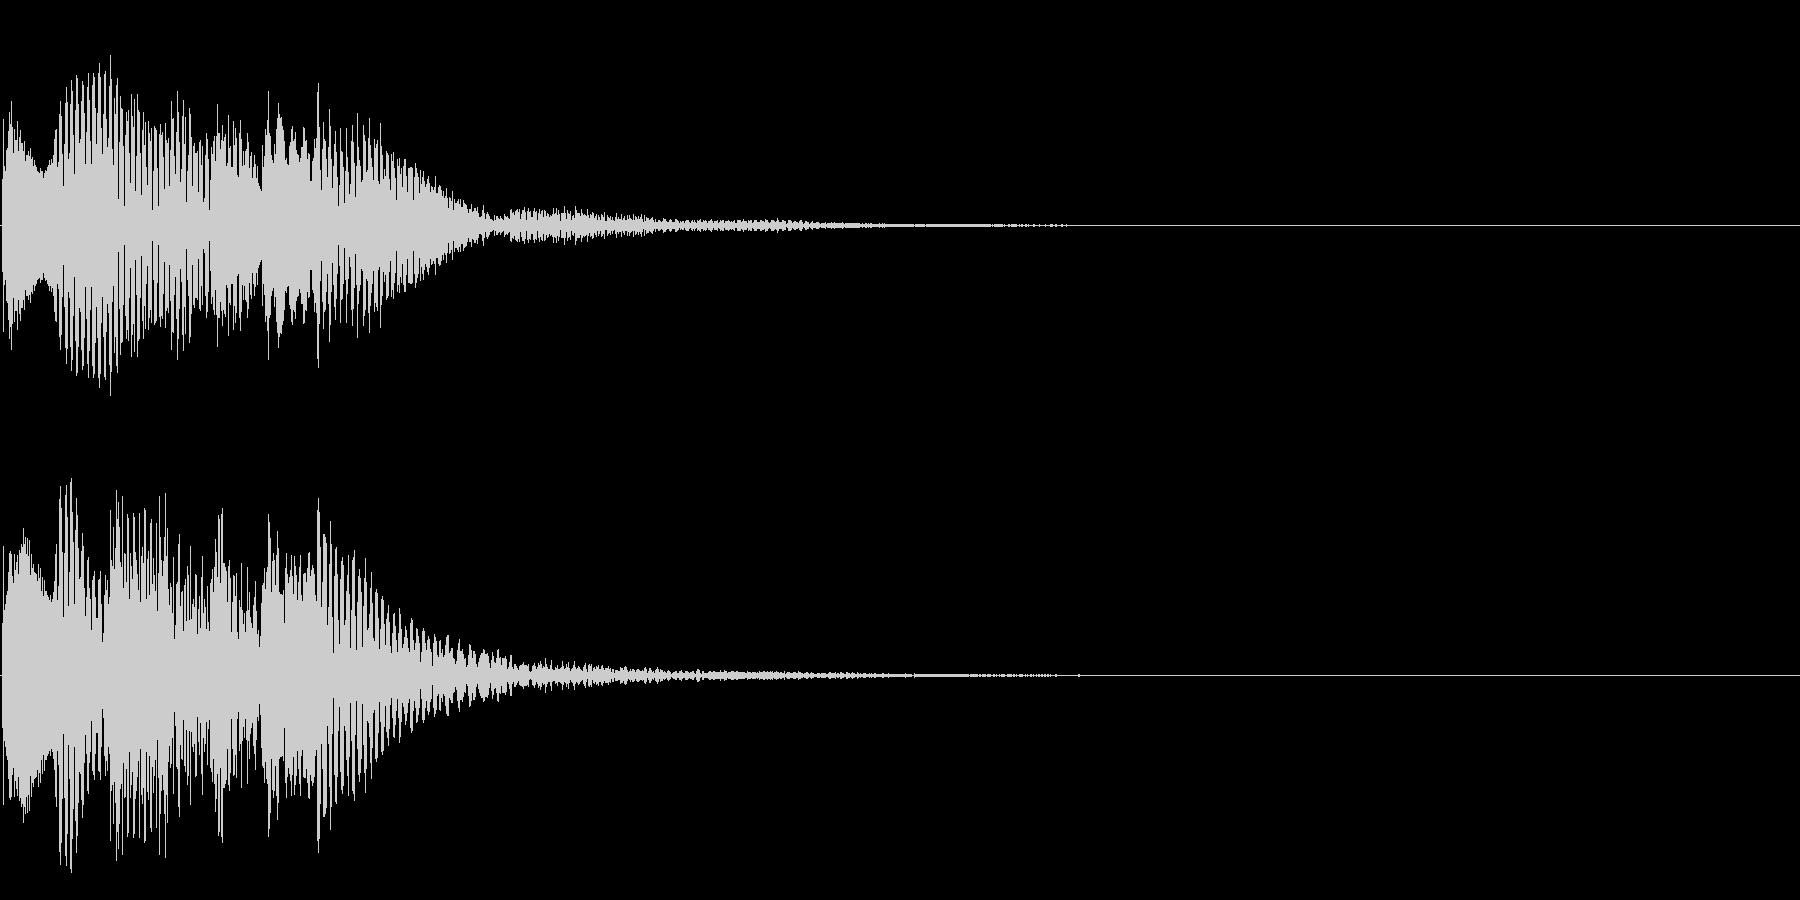 場面転換02(かわいい音)の未再生の波形